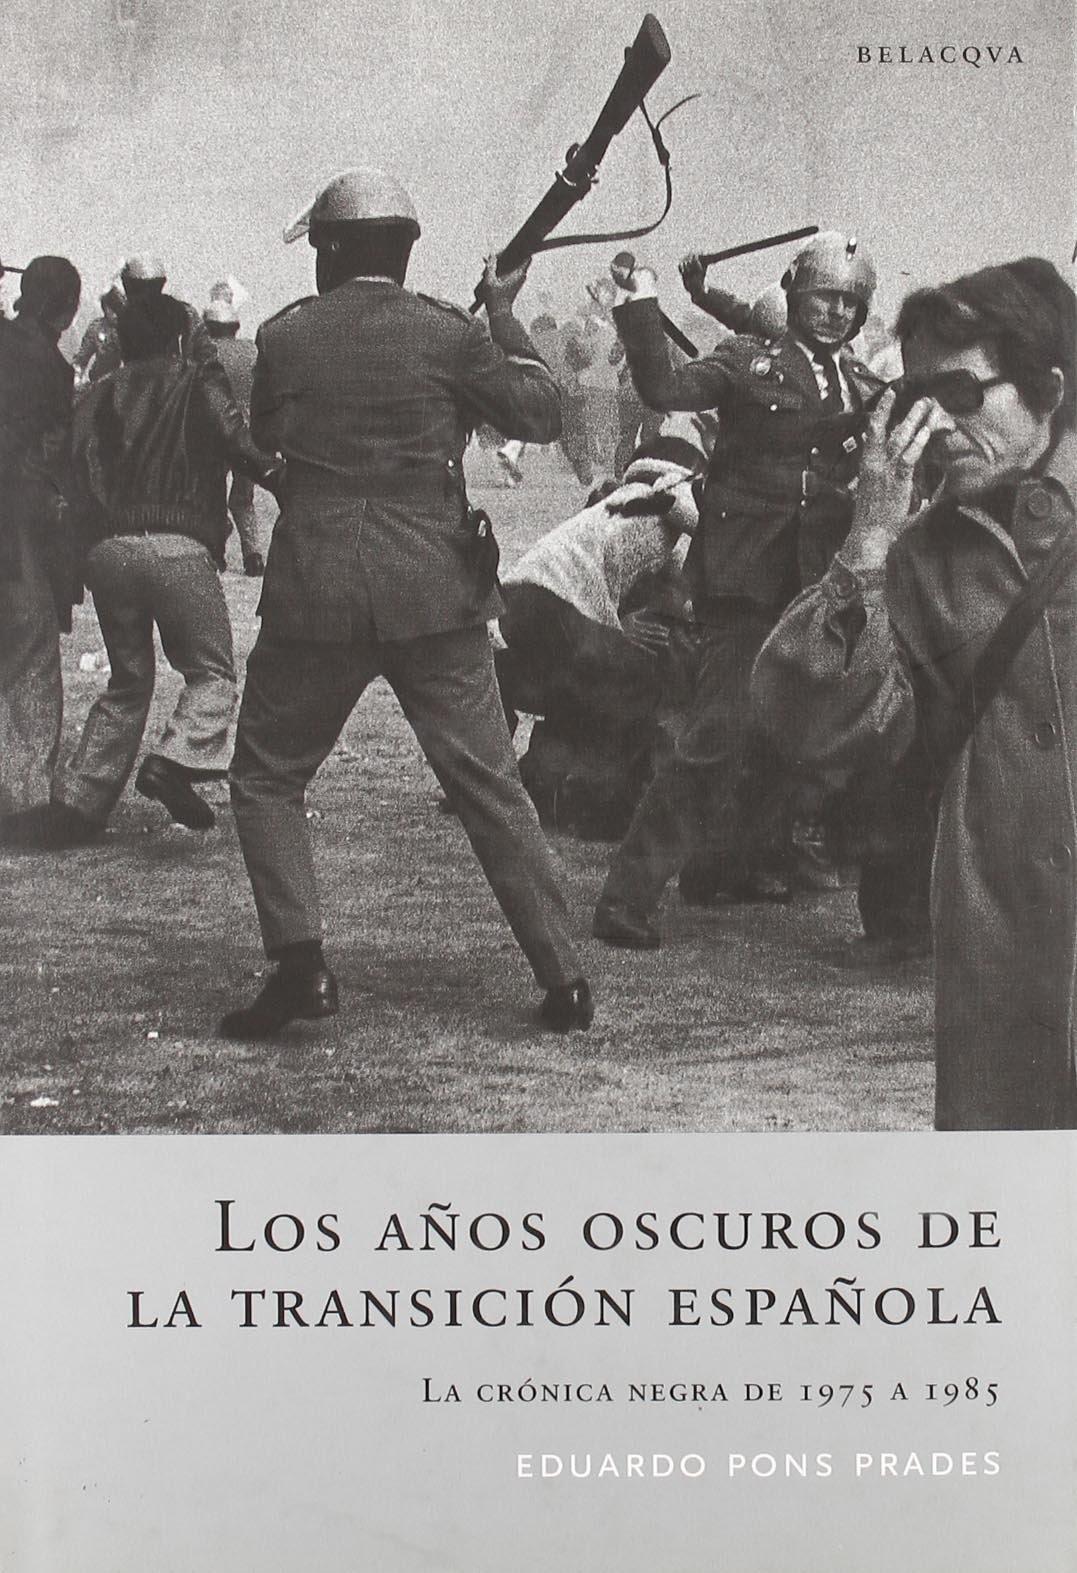 Los años oscuros de la transicion española: Amazon.es: Pons Prades, Eduardo: Libros